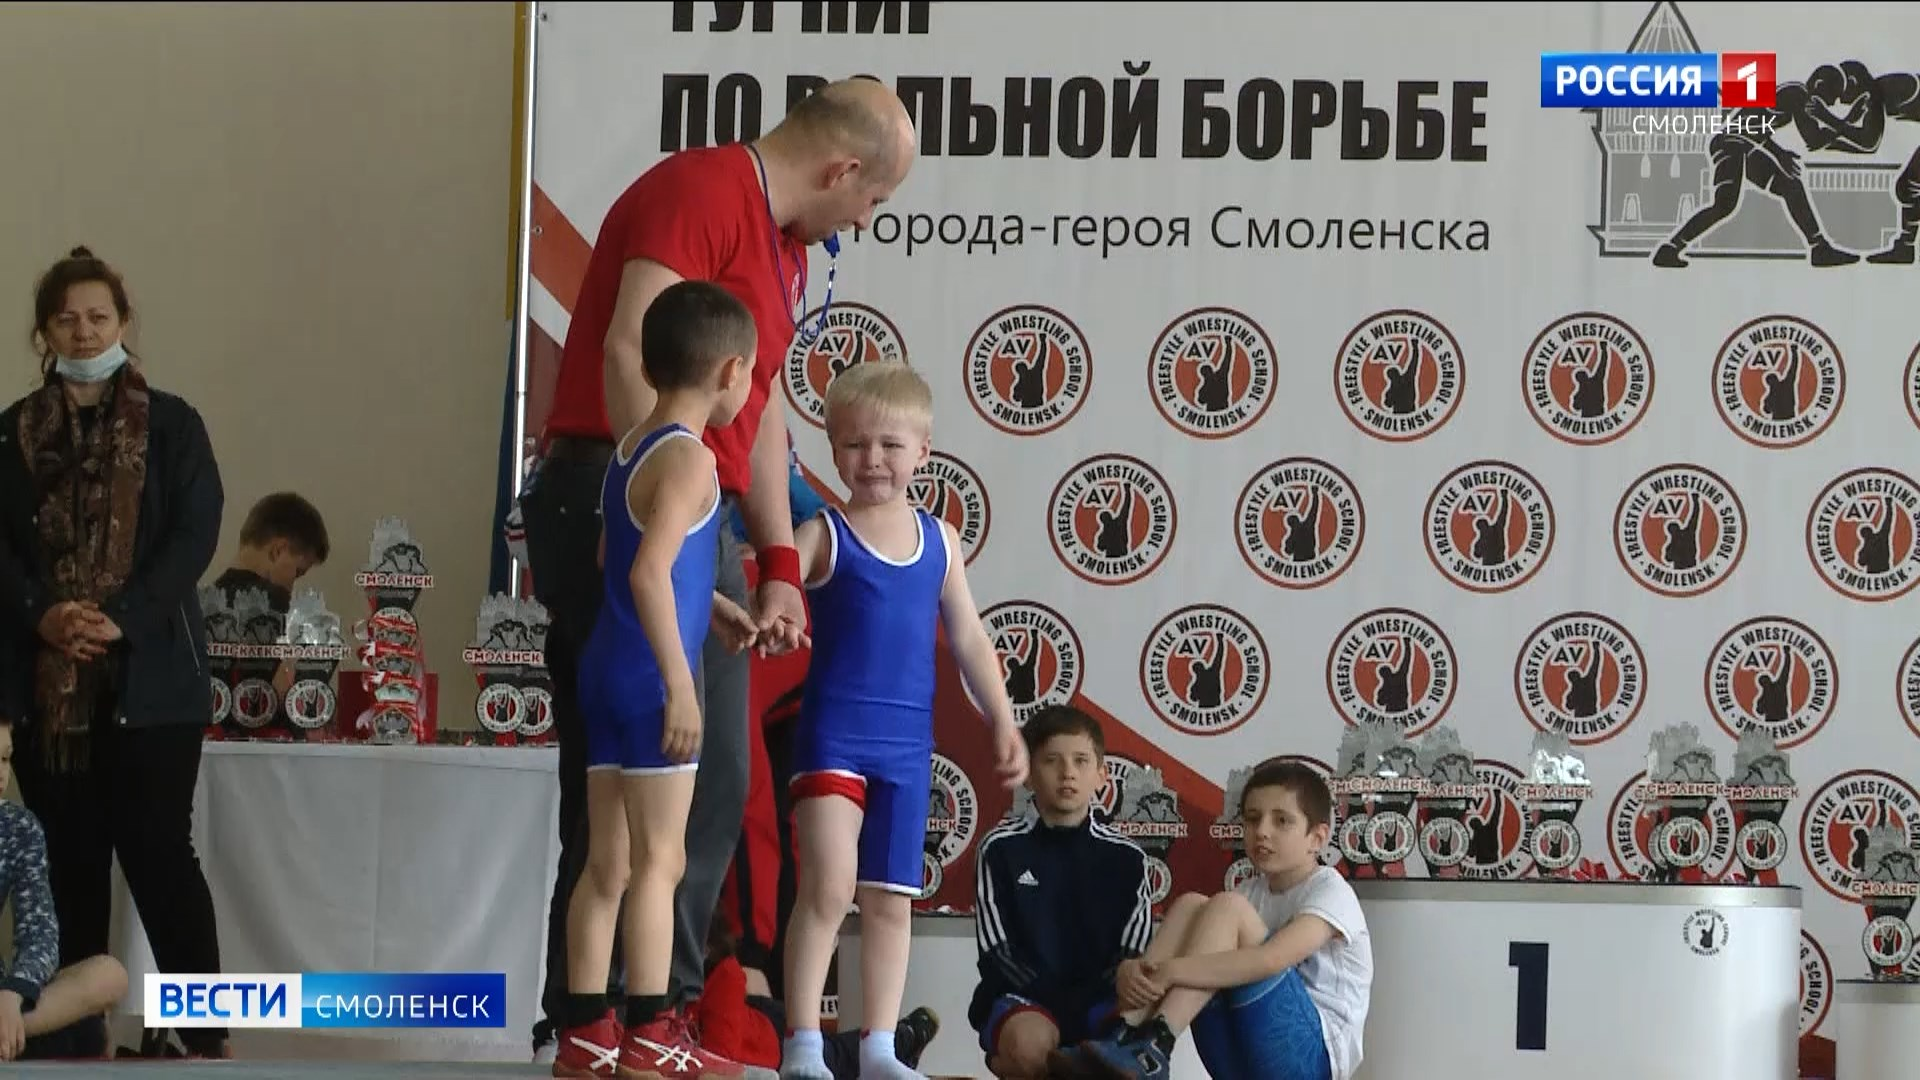 В честь города-героя Смоленска впервые провели детский турнир по вольной борьбе